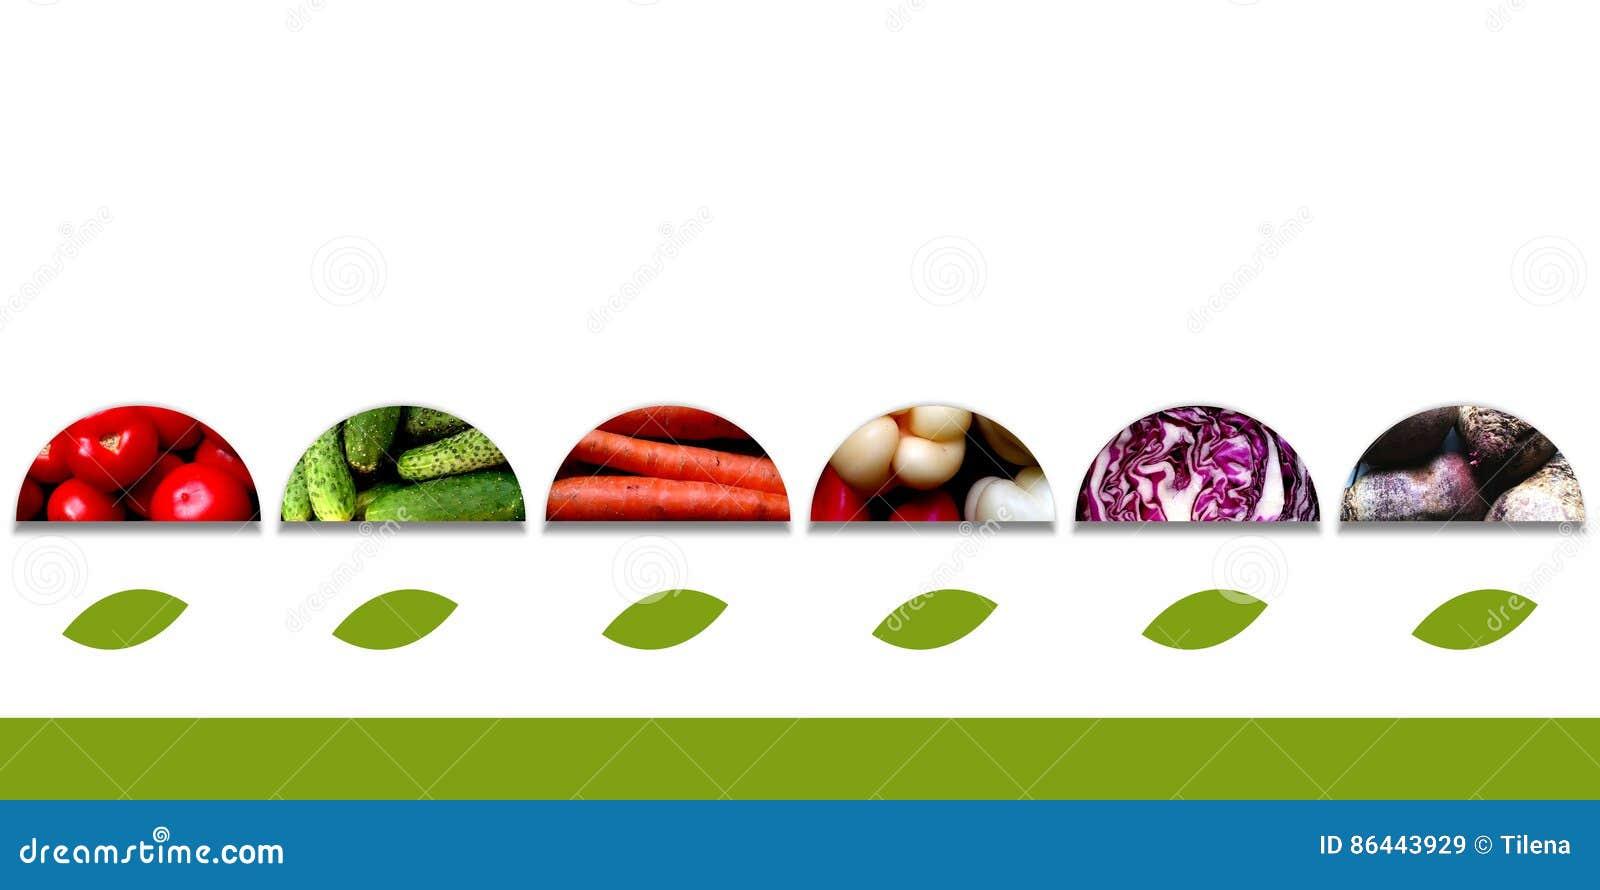 Semicírculos com vegetais e com folhas grandes embaixo